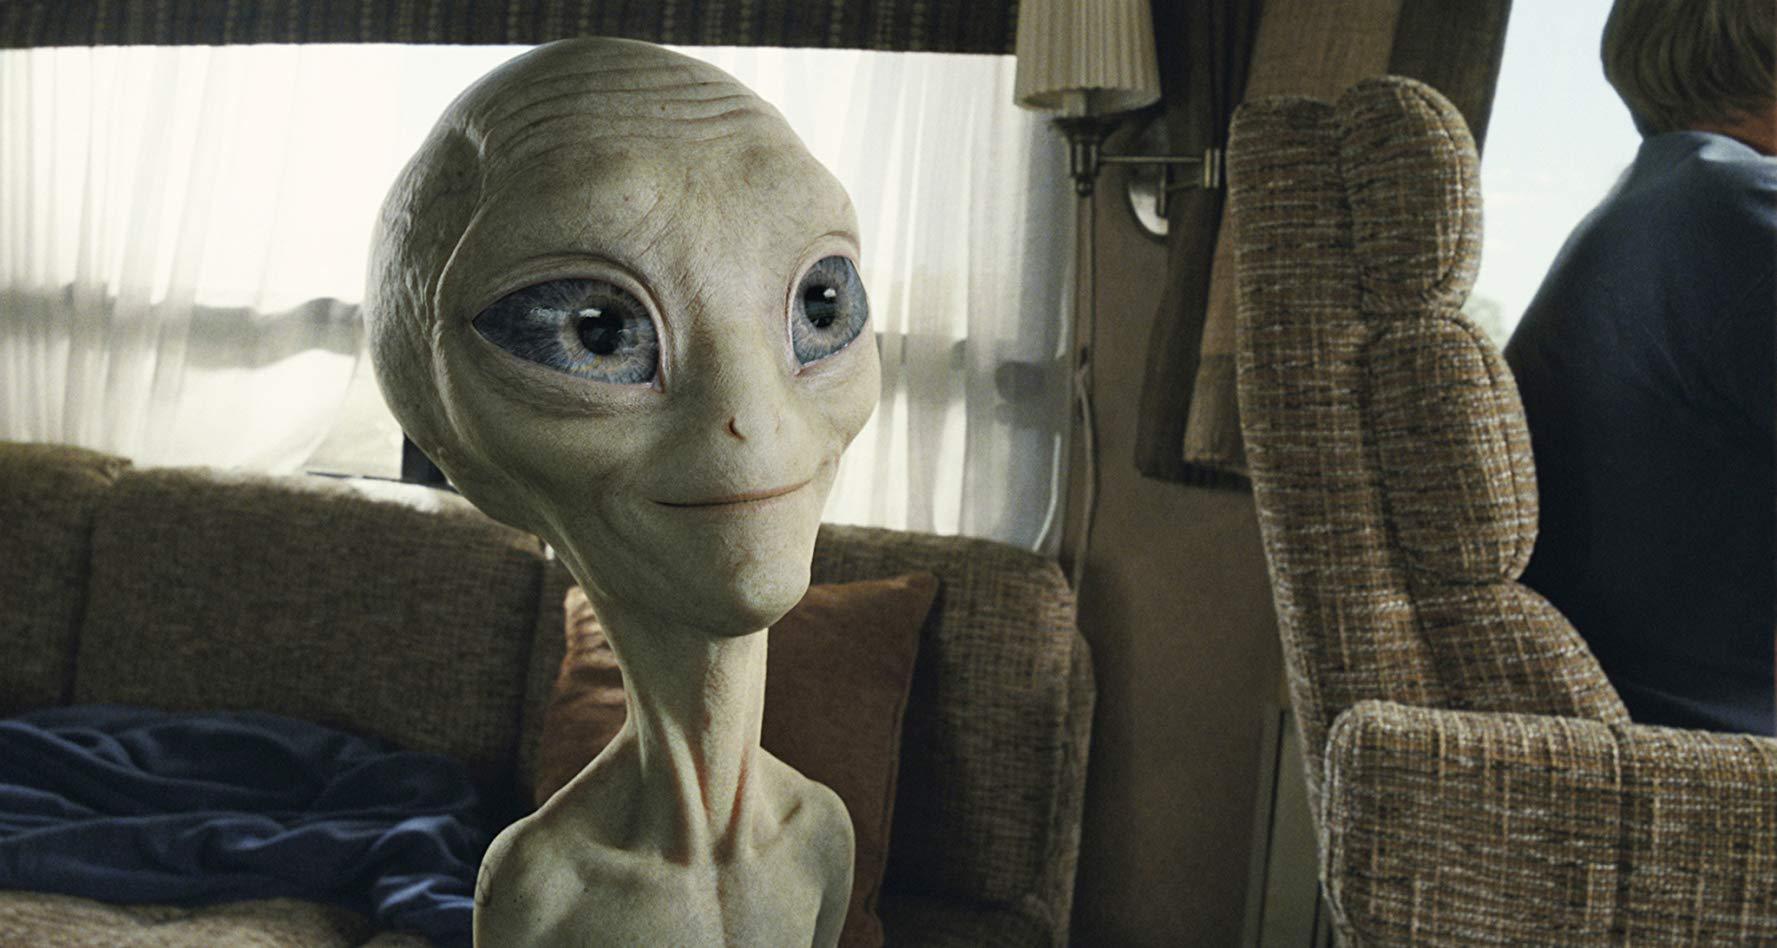 Paul itself (voiced by Seth Rogen) in Paul (2011)